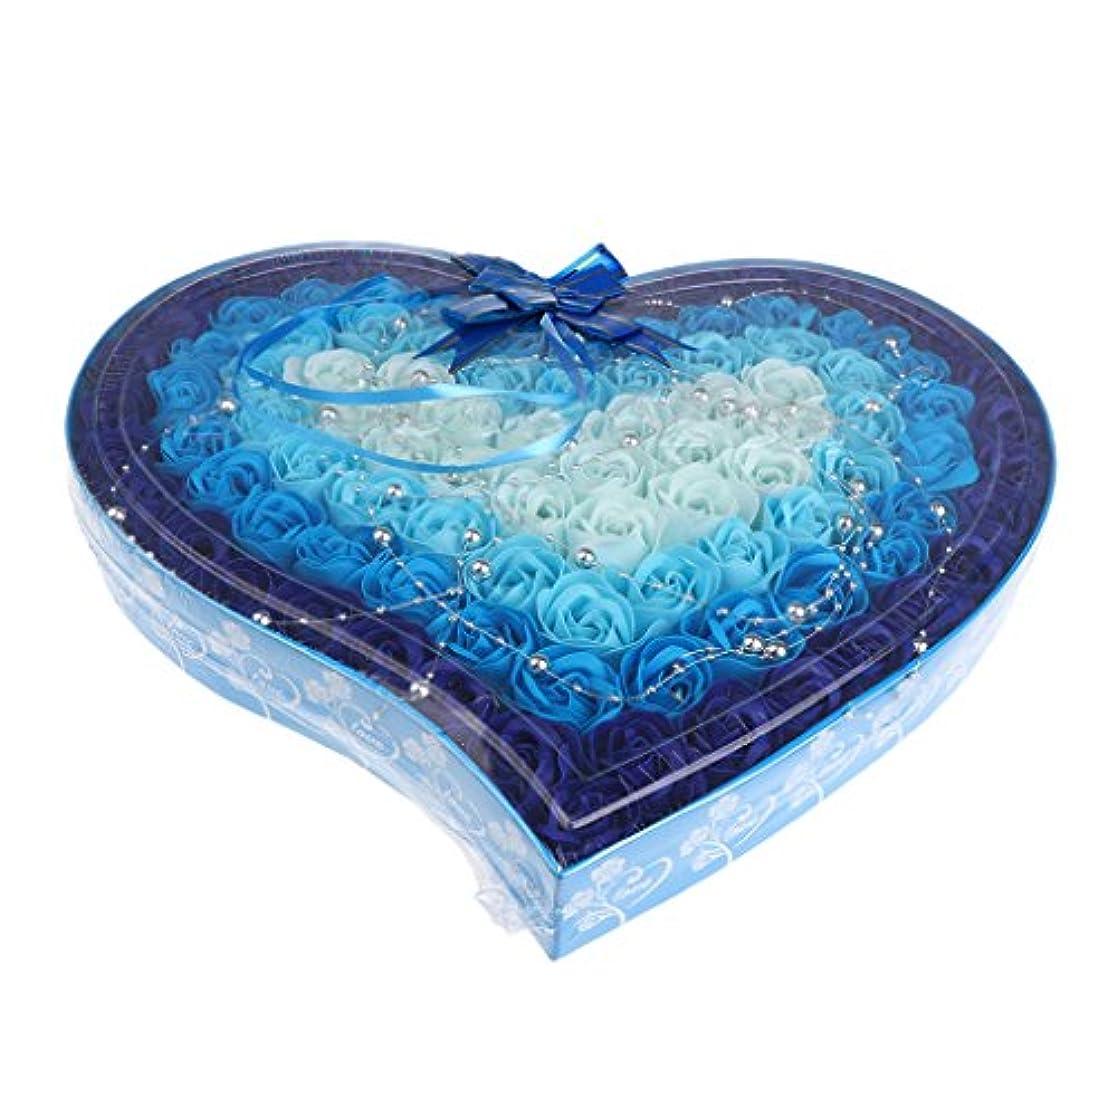 日付付き機関法医学石鹸の花 母の日 プレゼント 石鹸 お花 枯れないお花 心の形 ギフトボックス 約100個 プレゼント 4色選択可 - 青